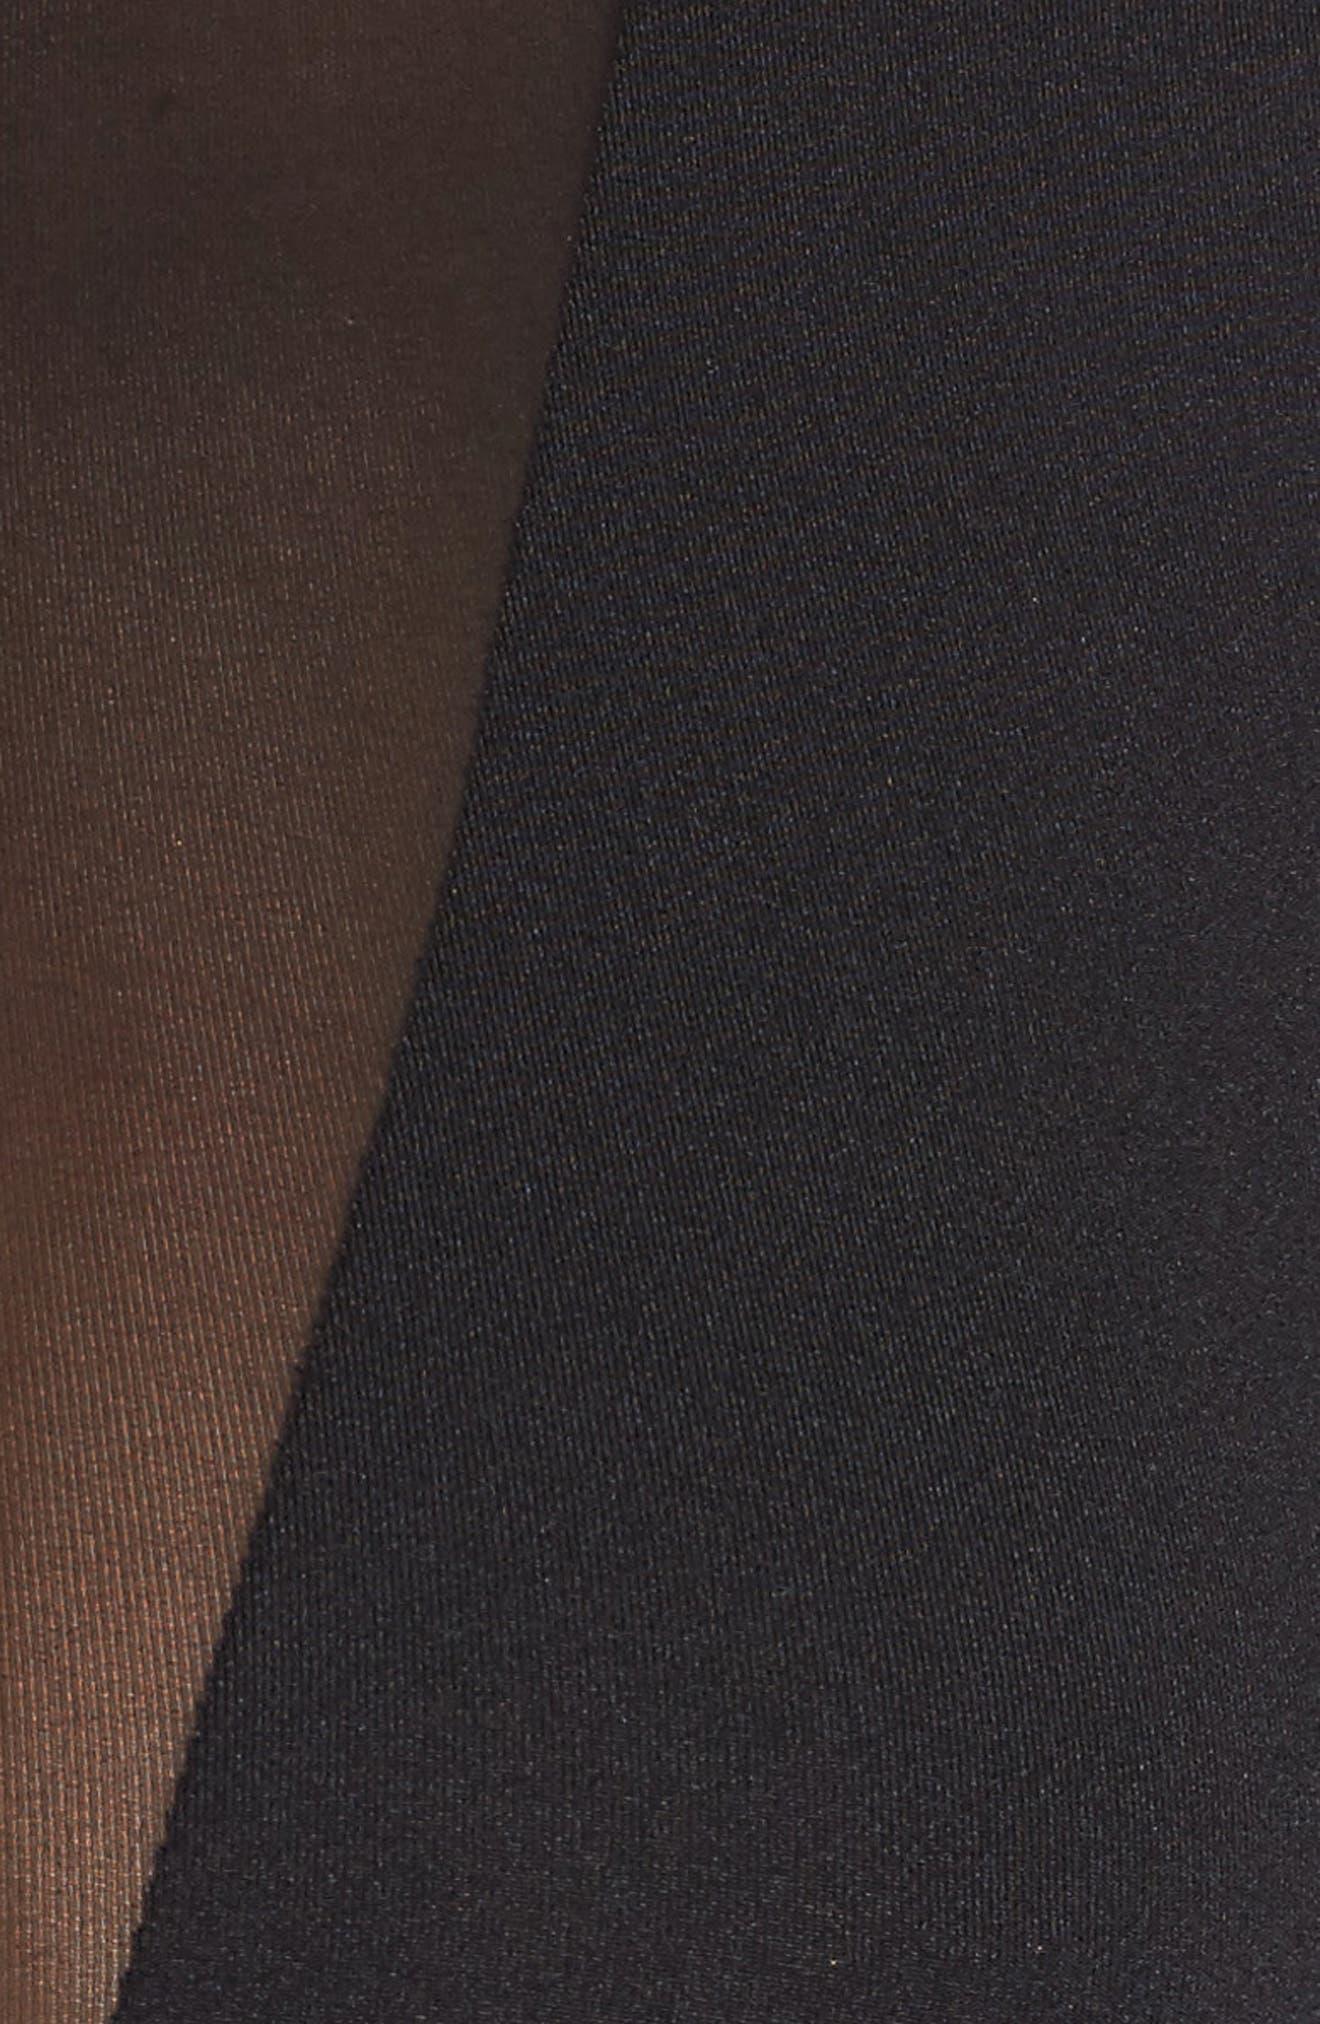 Sleek String Bodysuit,                             Alternate thumbnail 5, color,